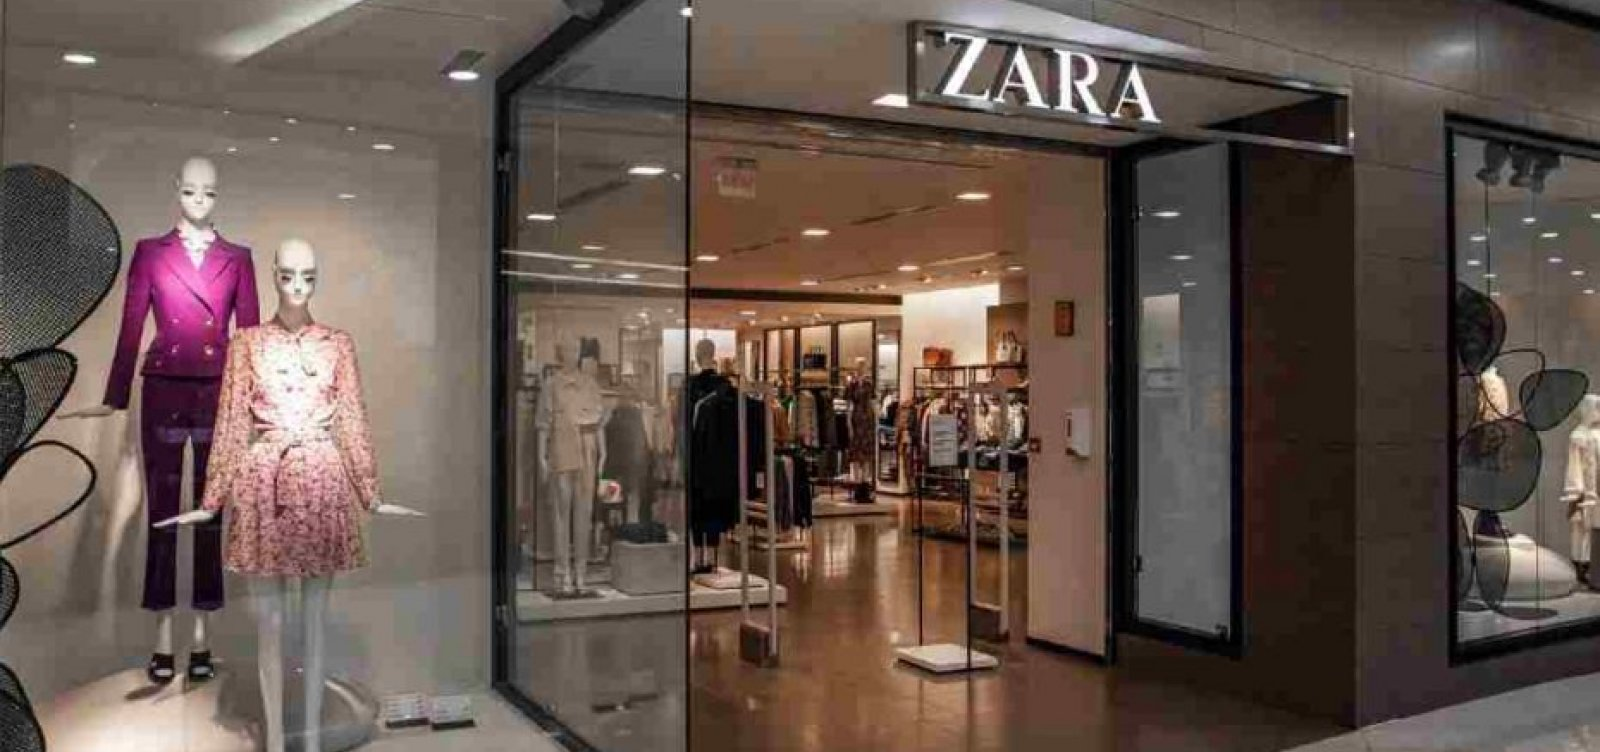 """""""Zara Zerou"""": suposto código usado em lojas no Ceará alertaria para entrada de negros"""